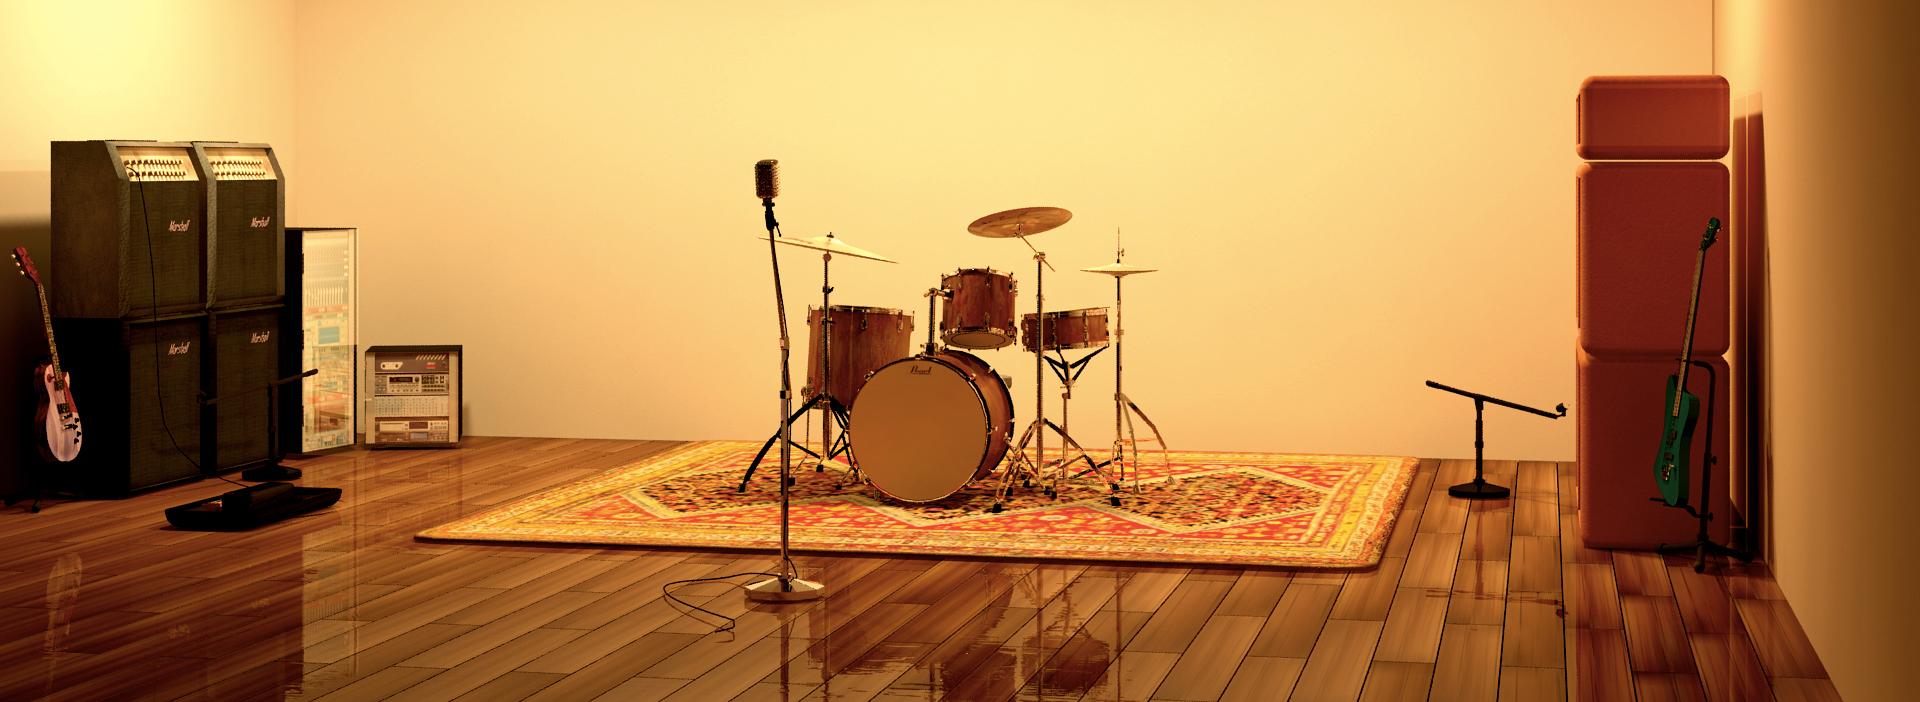 musicroom1.jpg